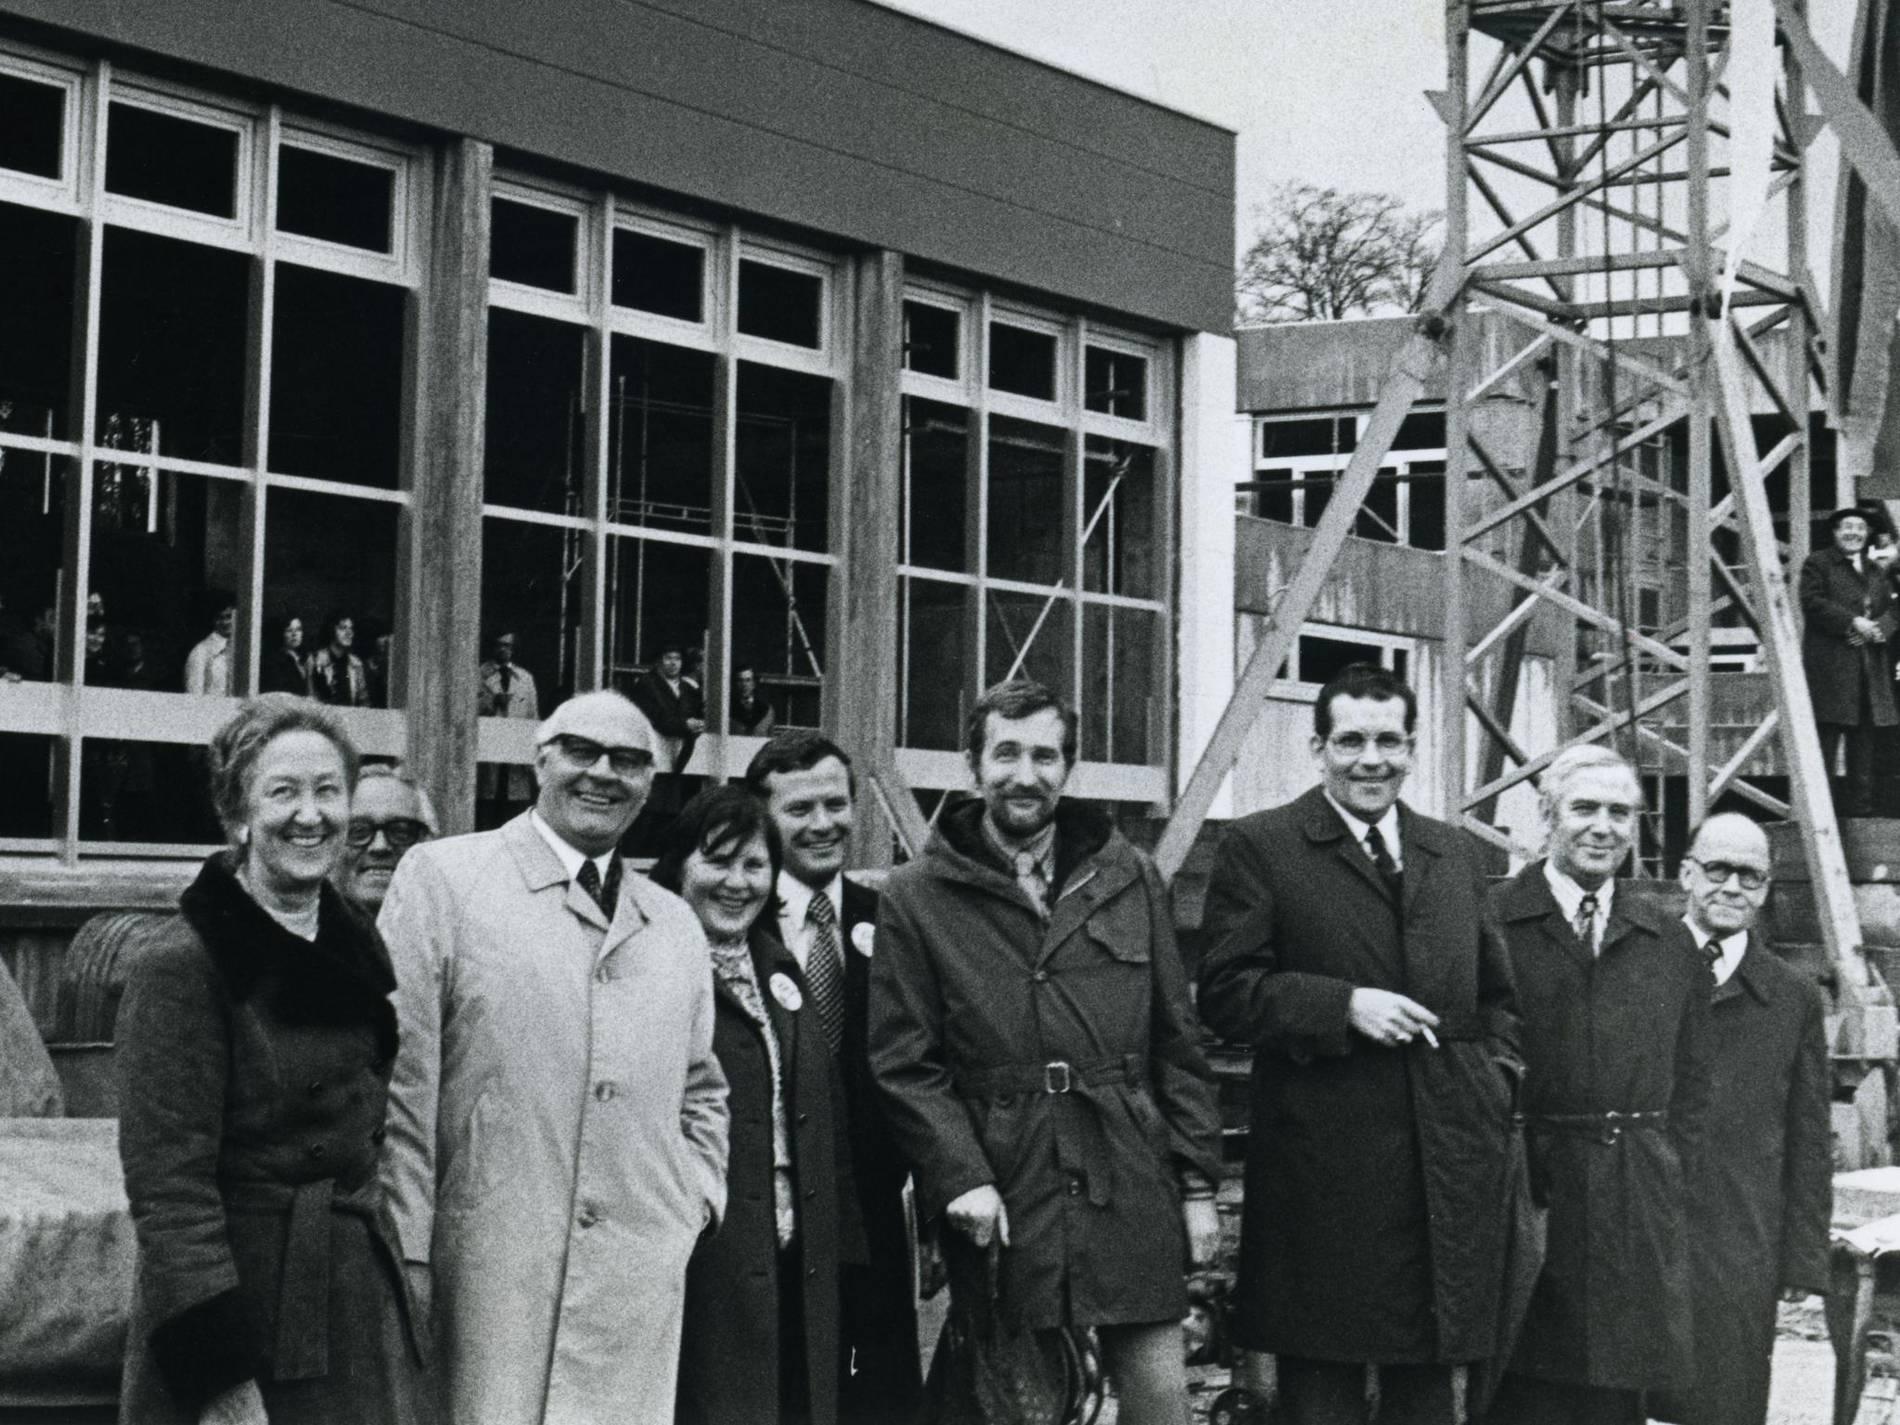 Bonner Kommunalreform Vor 50 Jahren: Zeitzeuge Erinnert An